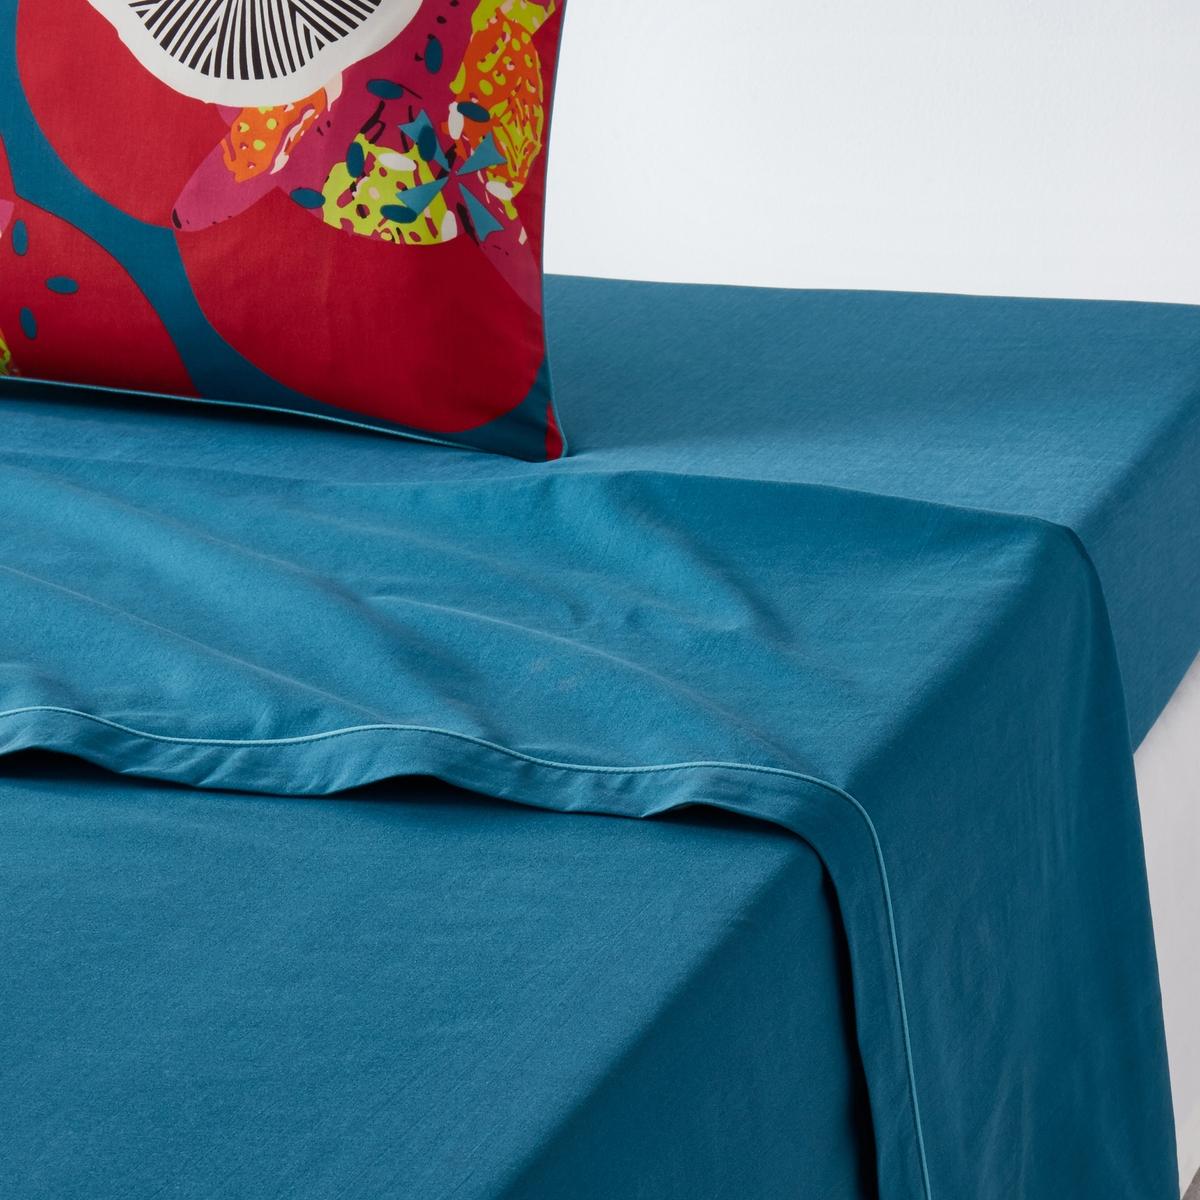 Простыня гладкая однотонная100% хлопка, N?nupharХарактеристики простыни N?nuphar :Однотонная простыня сине-зеленого цвета .Контрастная отделка синего цвета  .100% хлопок, 57 нитей/см? : чем больше нитей/см?, тем выше качество ткани.Легкость ухода.Машинная стирка при 60 °С.Найдите натяжную простыню из гаммы Sc?nario coton и всю коллекцию N?nuphar на сайте  laredoute   .ruЗнак Oeko-Tex® гарантирует, что товары прошли проверку и были изготовлены без применения вредных для здоровья человека веществ.Размеры :180 x 290 см : 1-сп240 х 290 см : 2-сп.270 x 290 см : 2-сп.<br><br>Цвет: сине-зеленый<br>Размер: 270 x 290  см